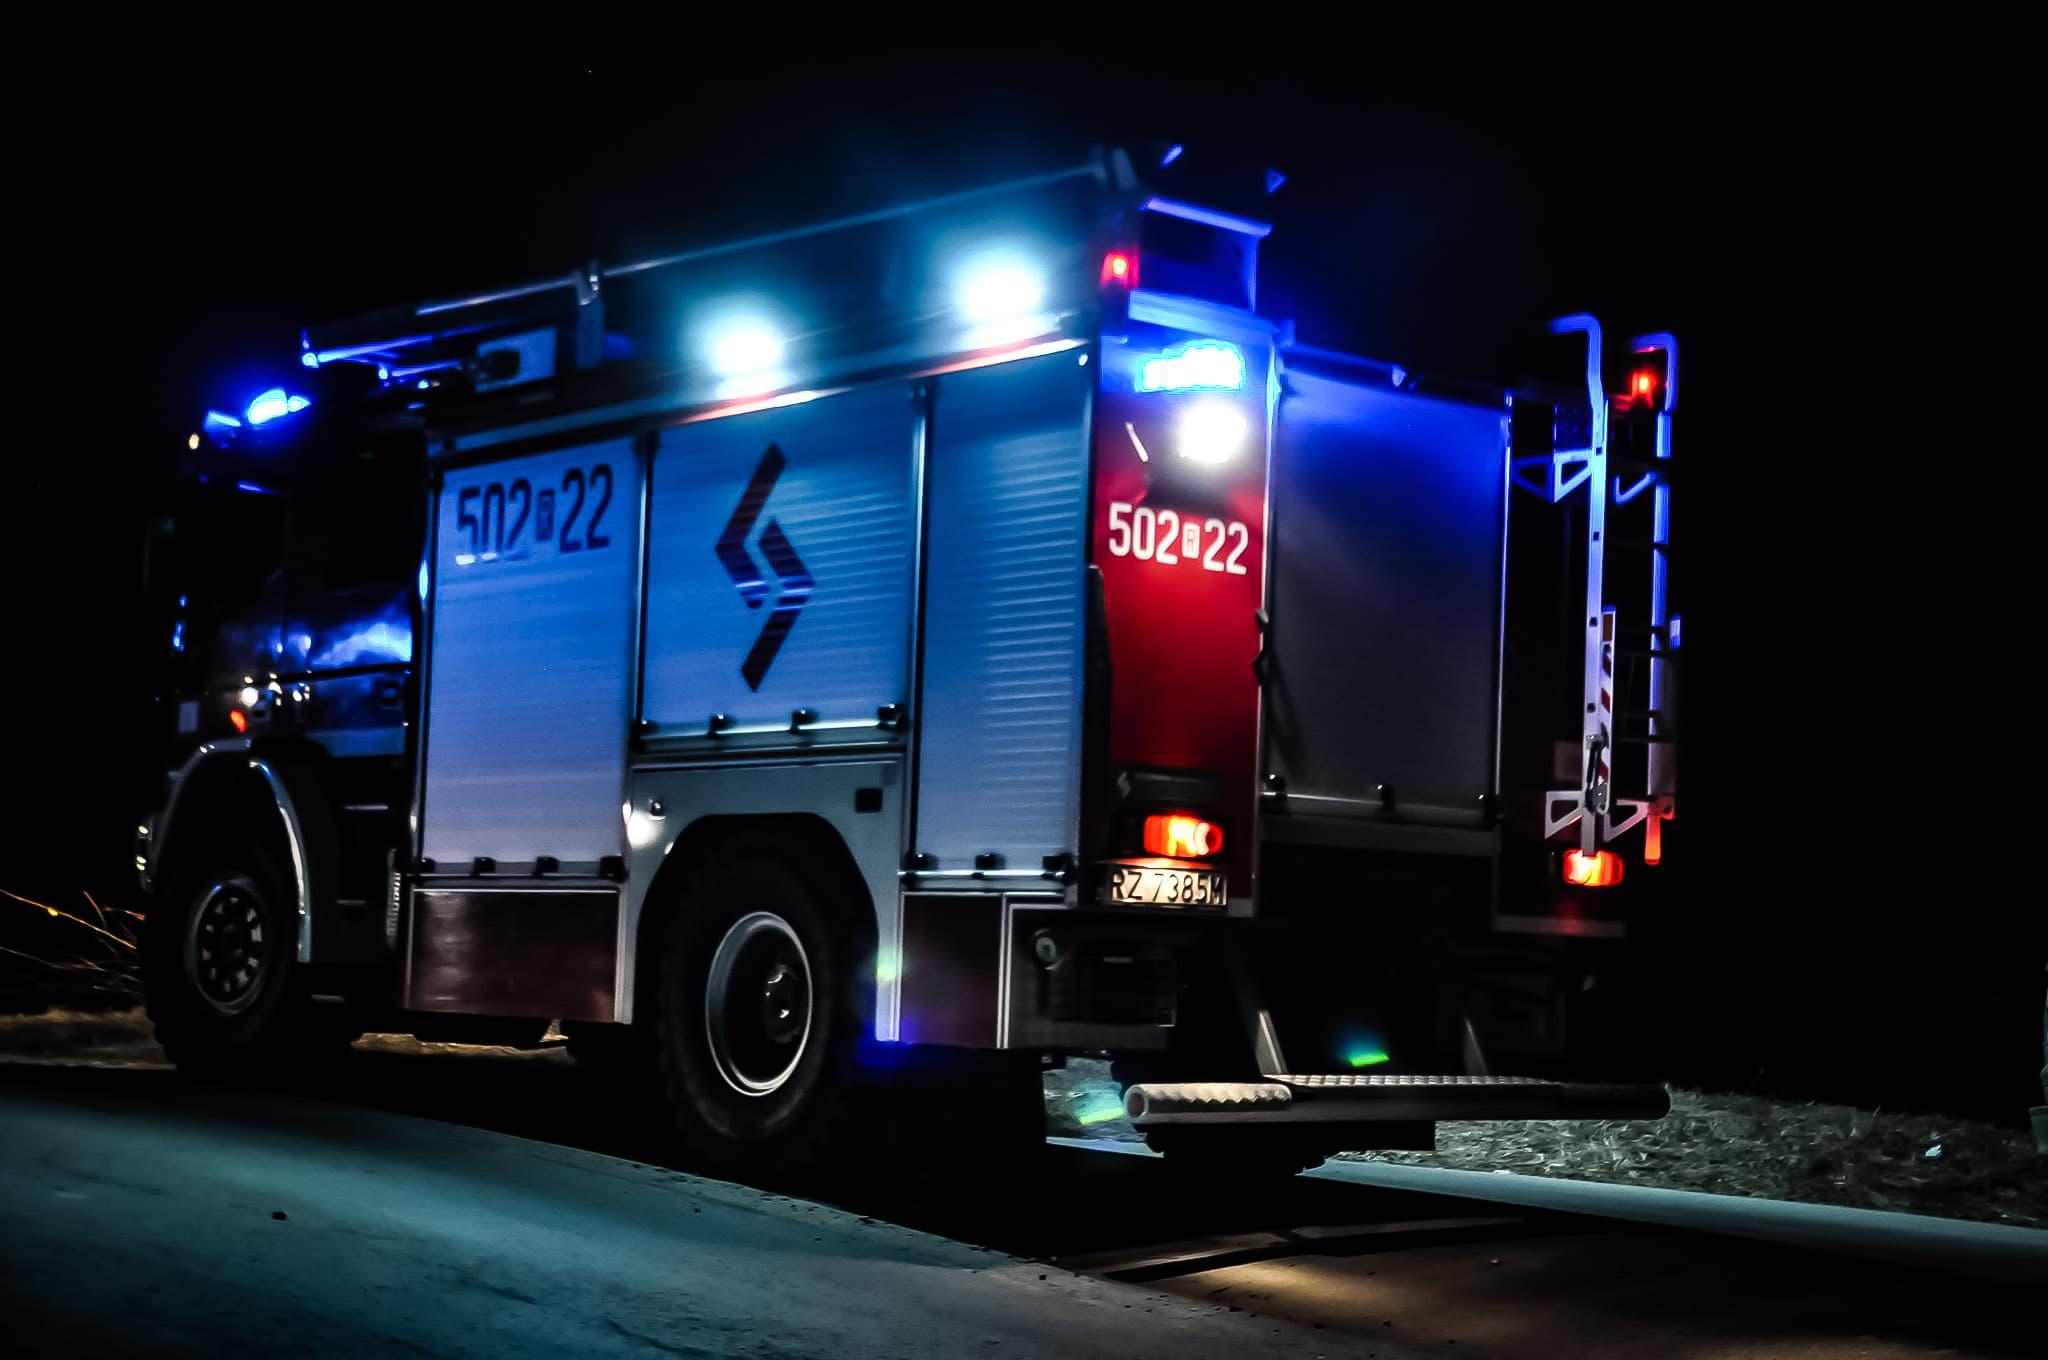 [Z REGIONU] W komisie spłonęły samochody - Zdjęcie główne